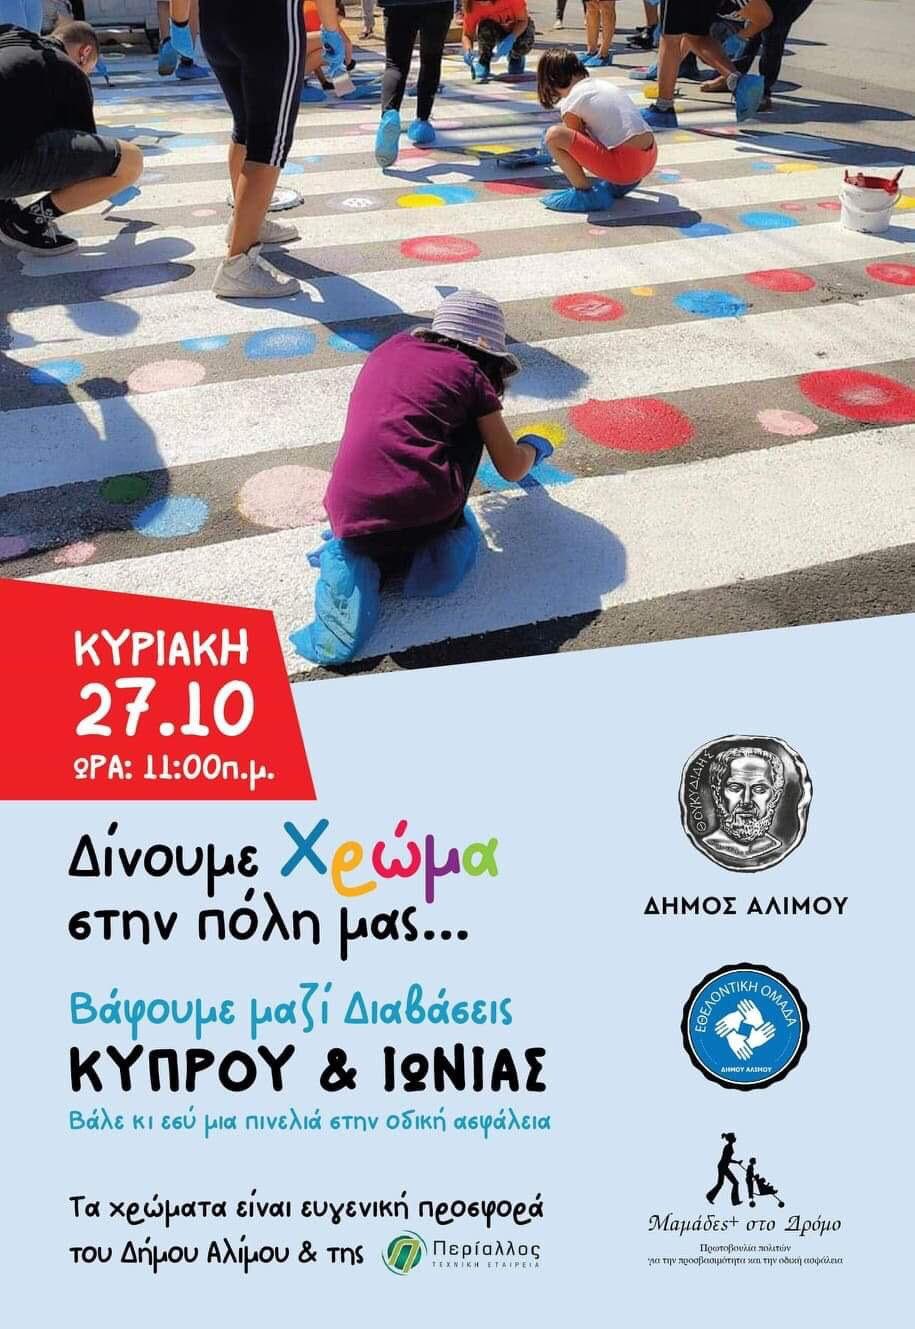 Οι διαβάσεις της Λ.Ιωνίας και Κύπρου γεμίζουν χρώμα